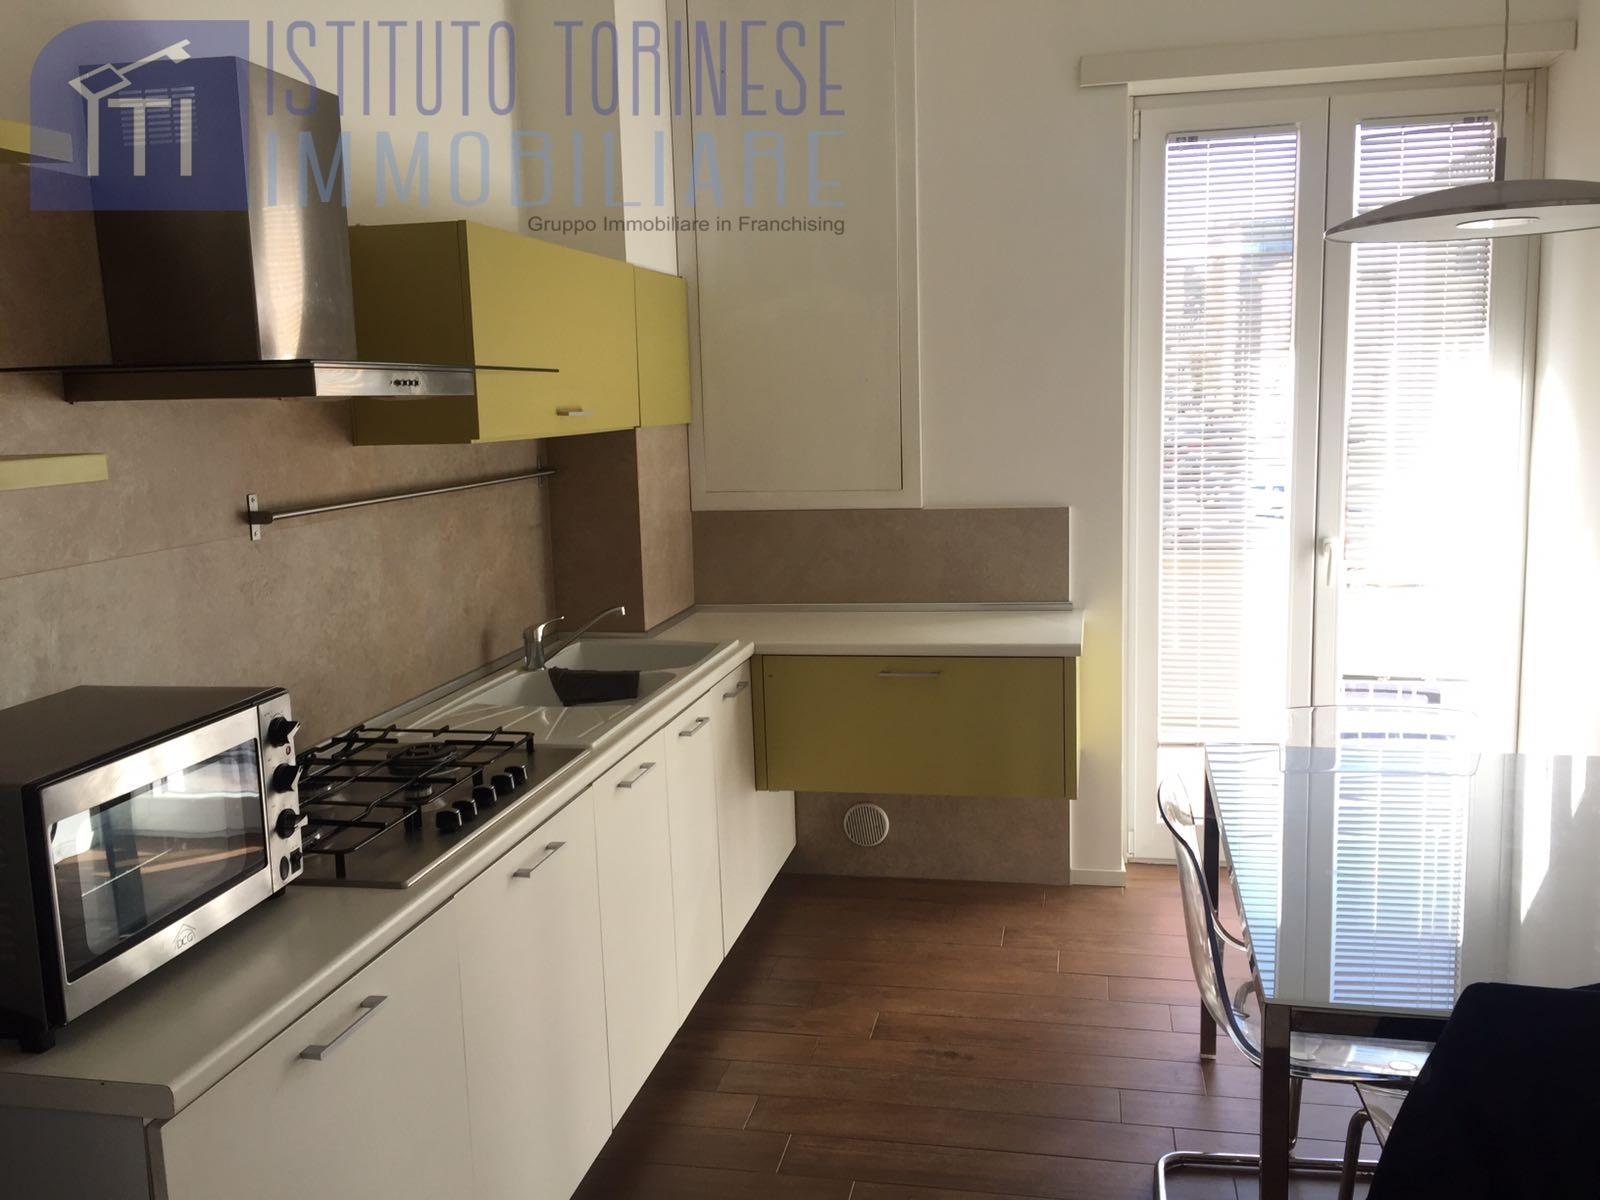 appartamento benevento vendita  mellusi/atlantici  istituto torinese immobiliare